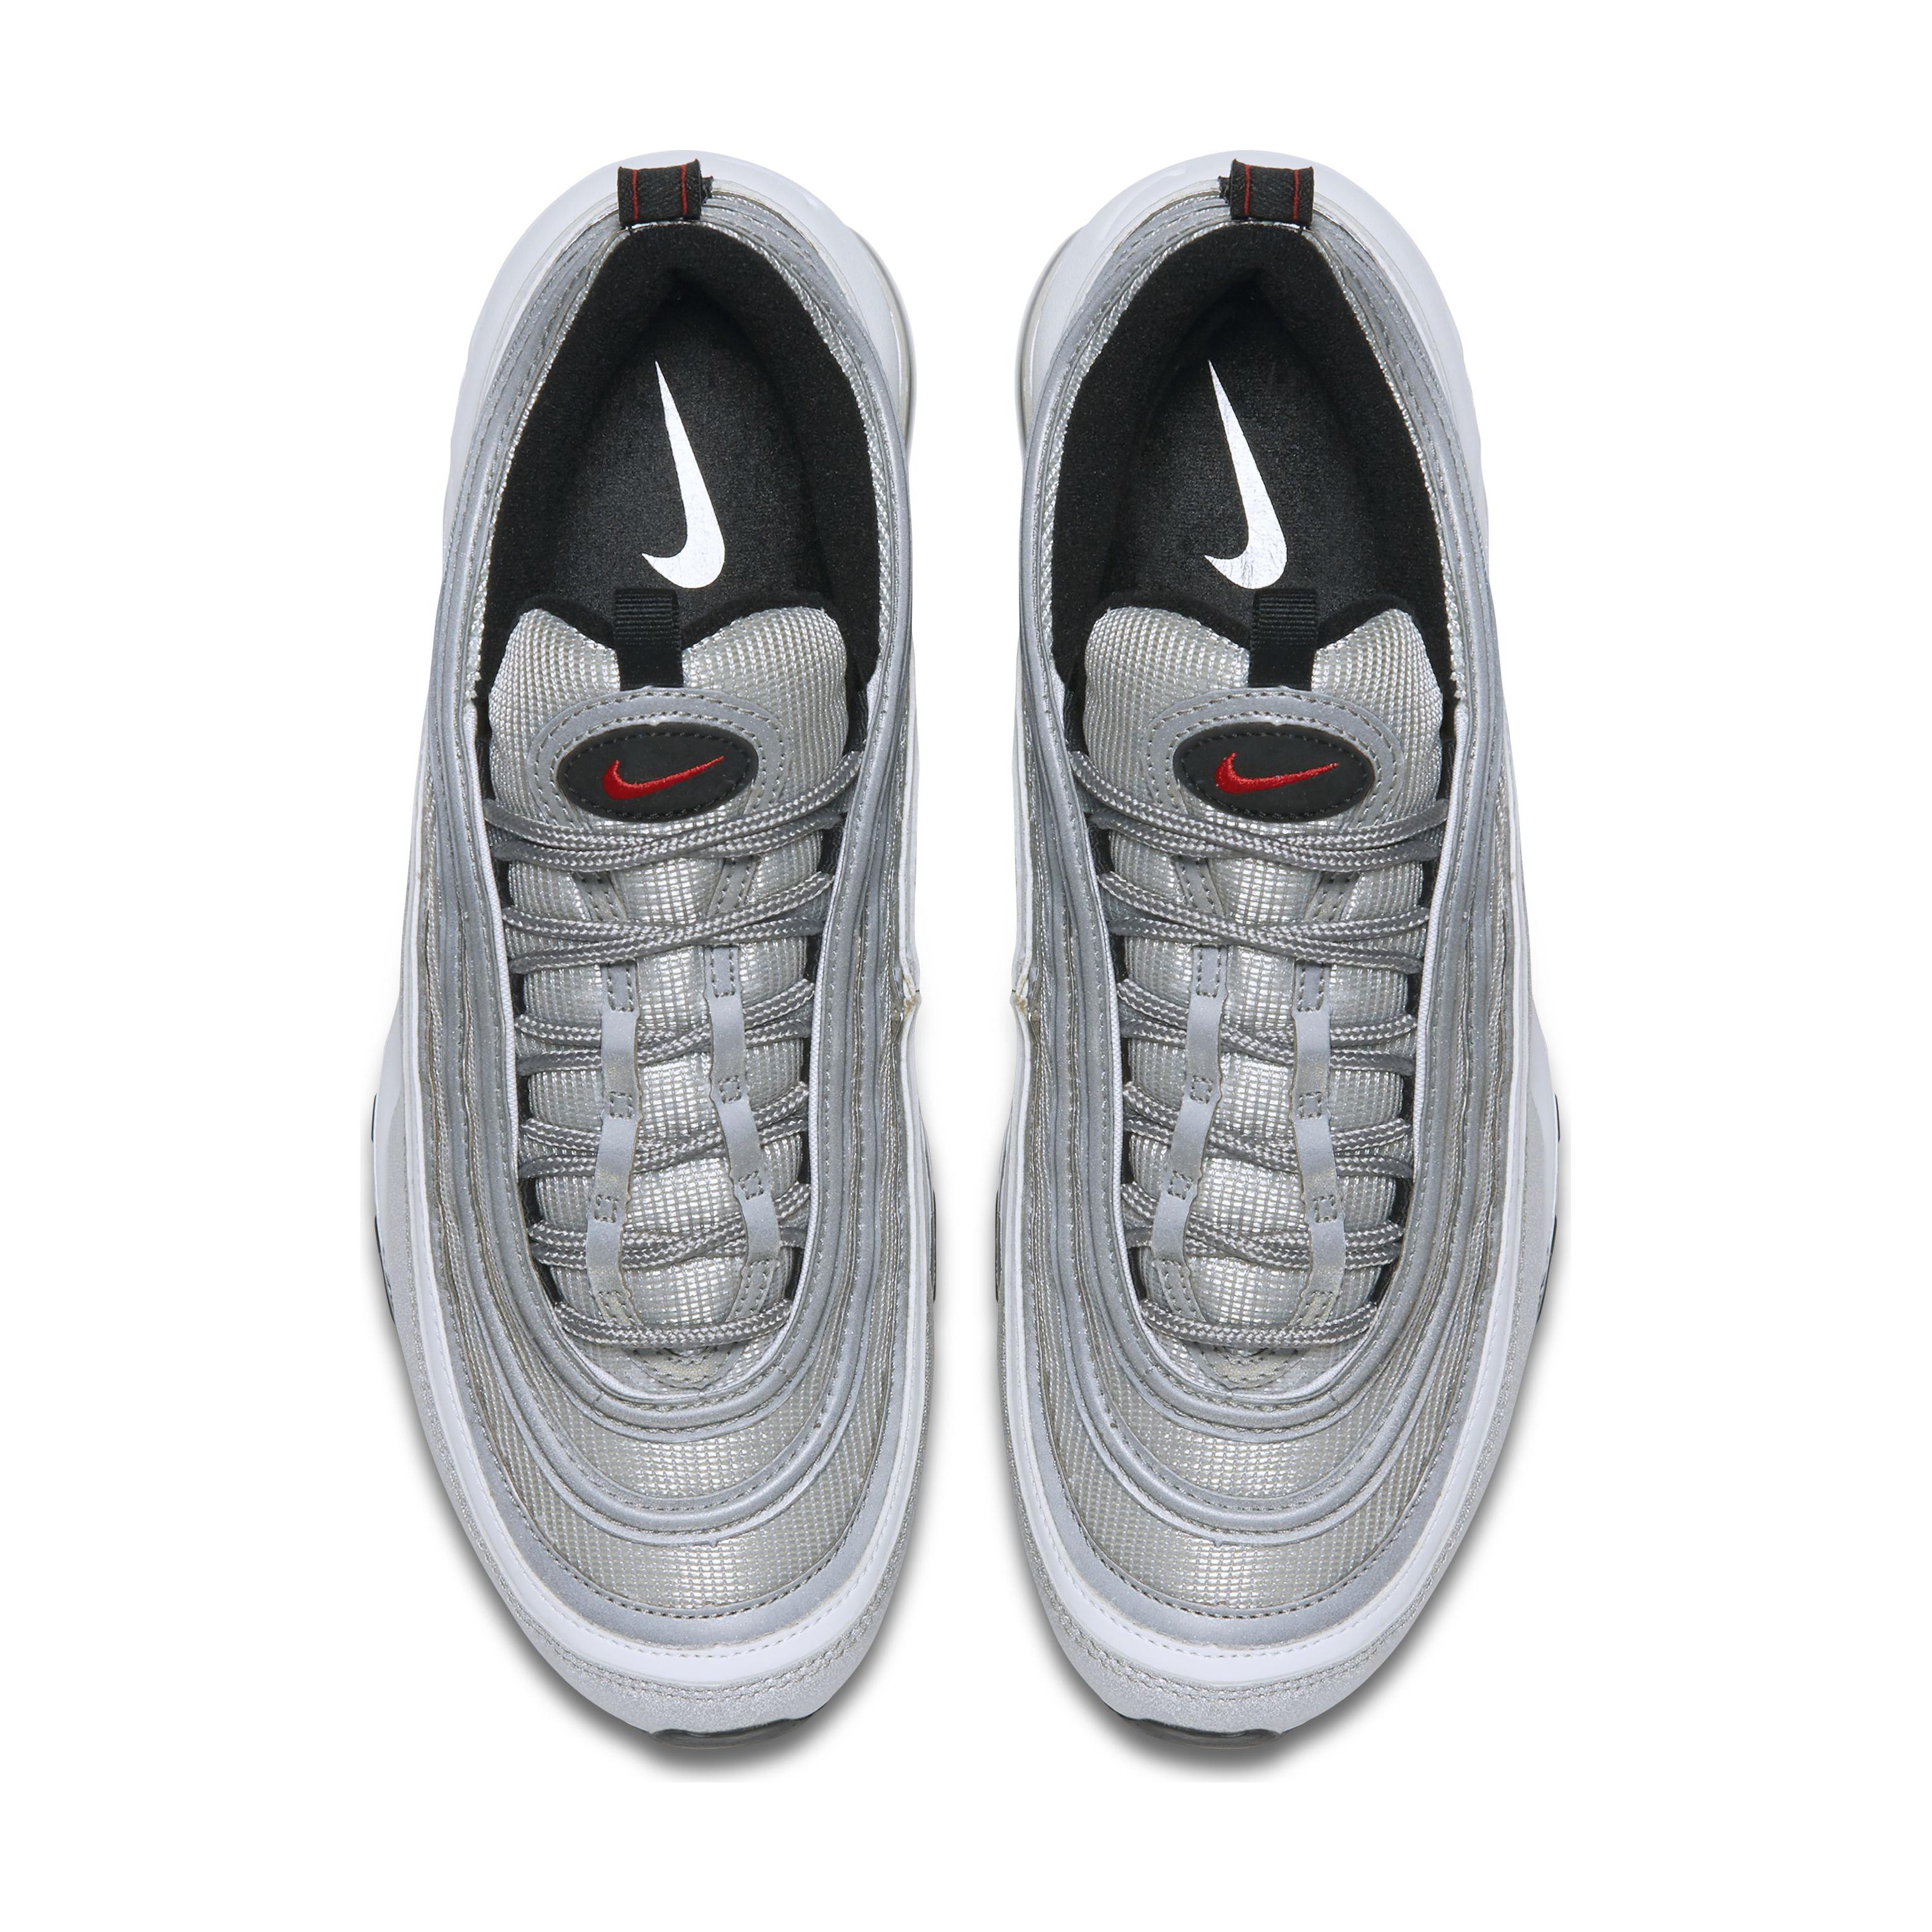 60c56344 Кроссовки Air Max 97 от Nike (884421-001) - продажа, цена, фото ...